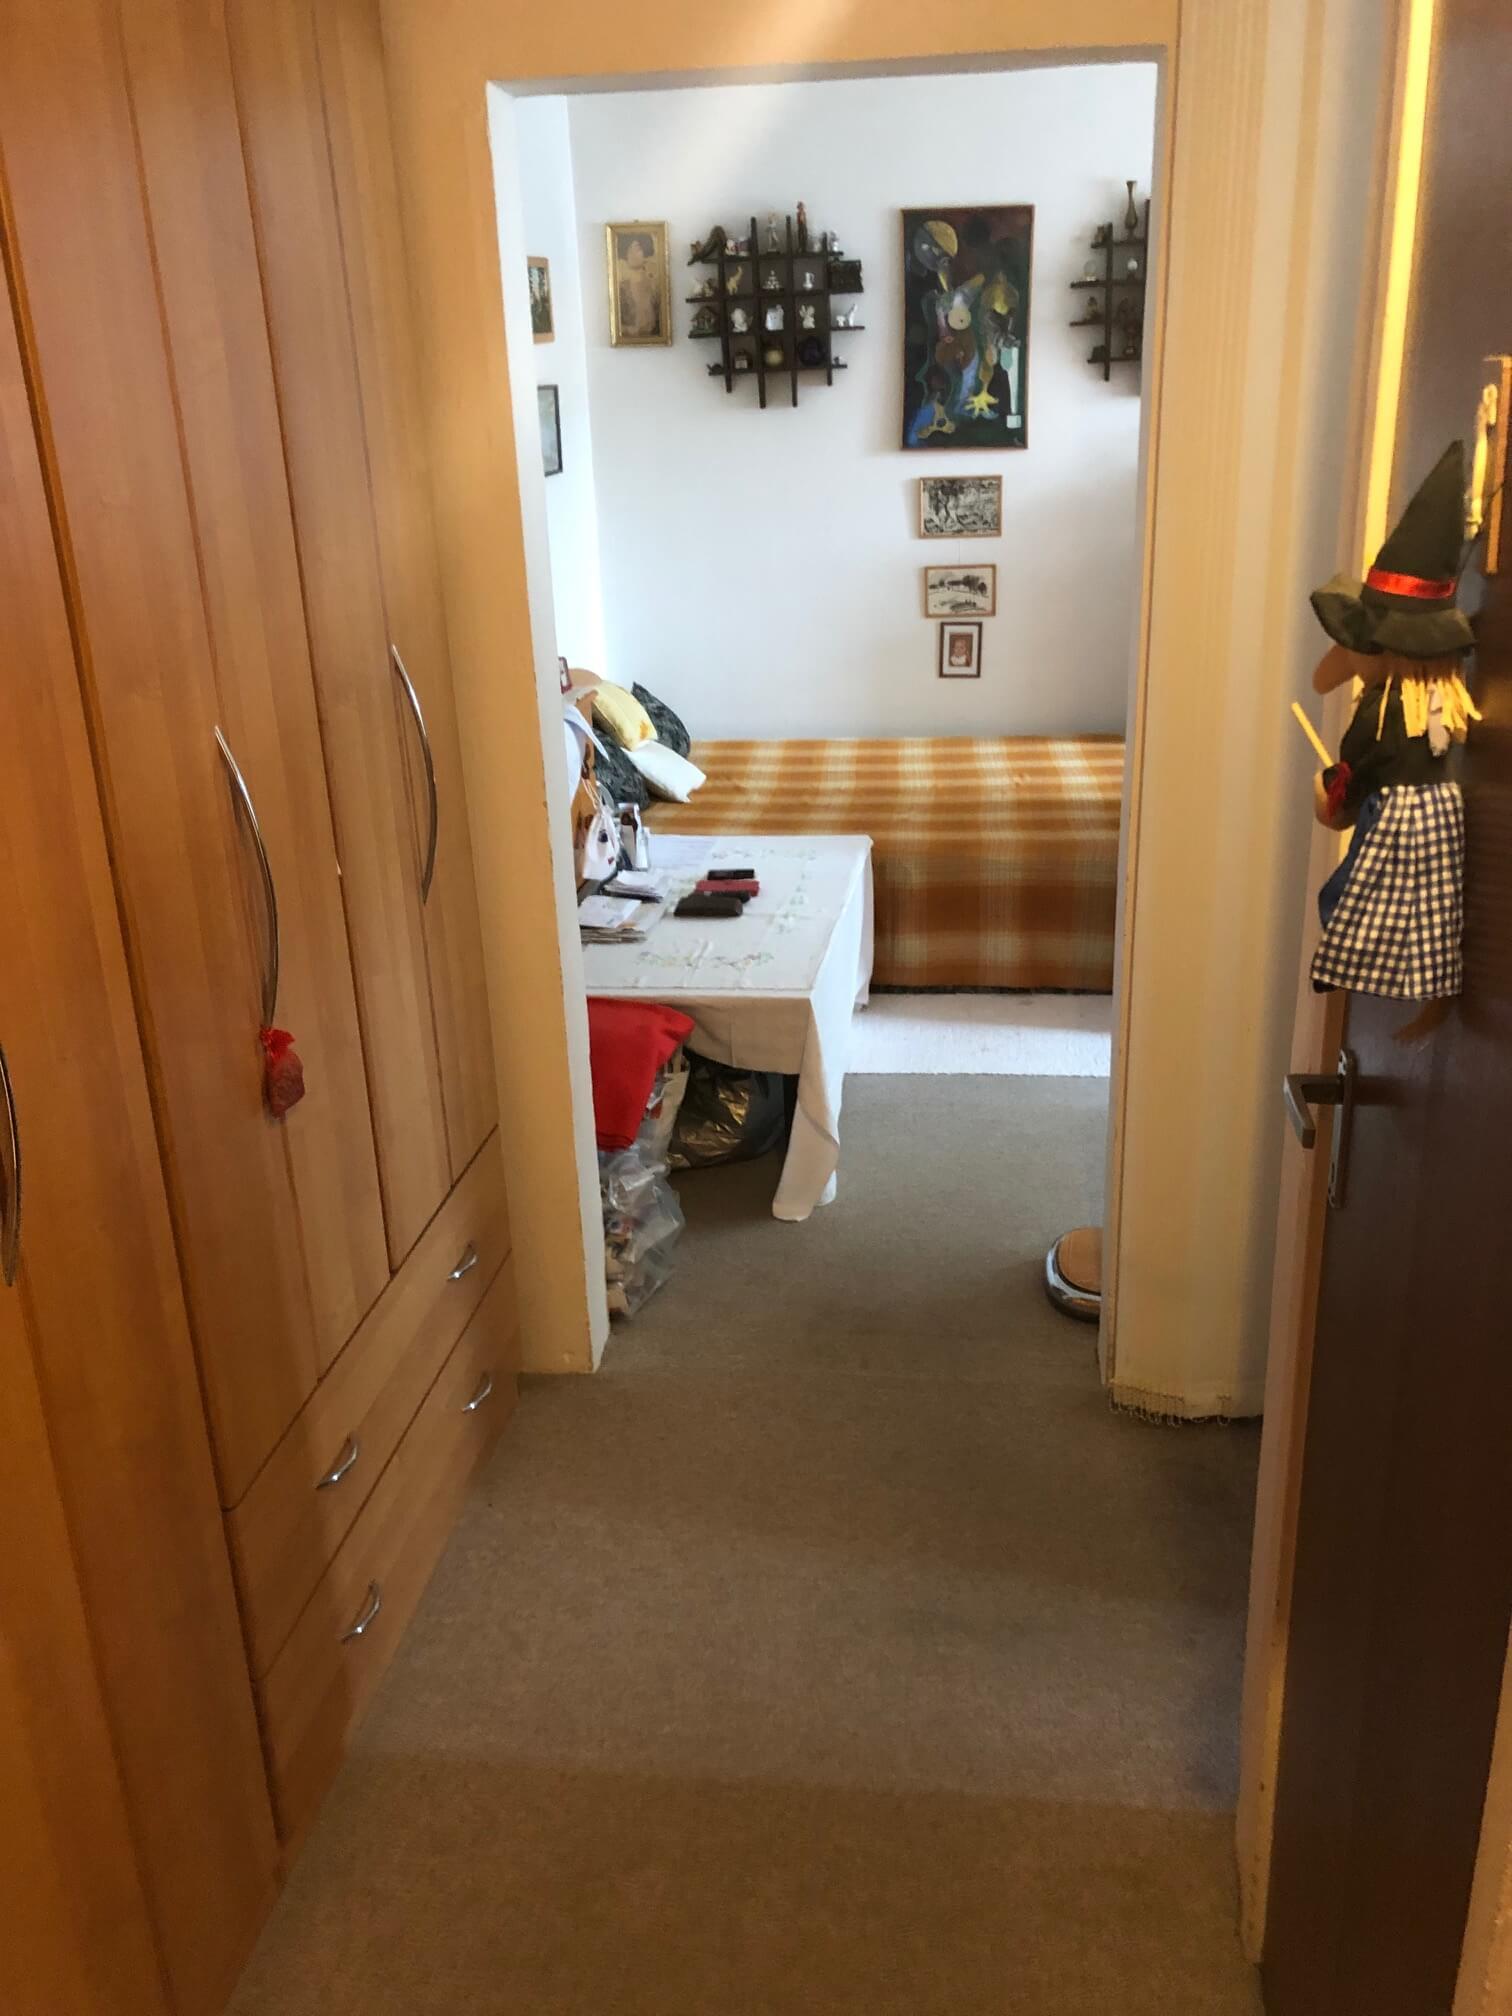 Predaný: 1 izbový byt, Ipeľská, Bratislava, 38m2, nízke náklady, parkovanie, vynikajúca občianska vybavenosť-15